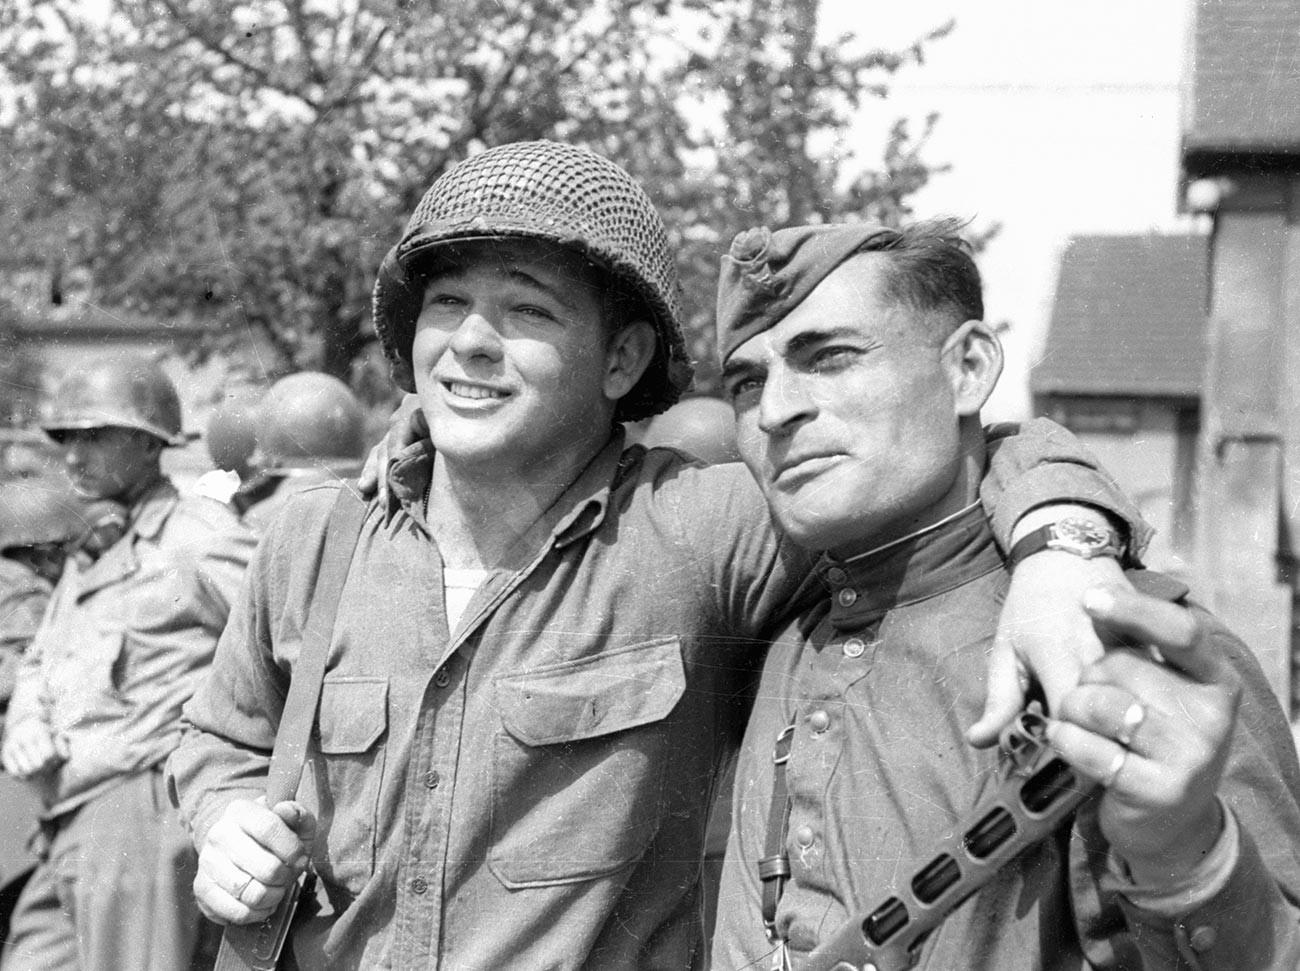 US-Soldat Byron Shiver und der Soldat der Roten Armee Iwan Numladse während des Zusammentreffens der amerikanischen und sowjetischen Truppen an der Elbe bei Torgau (Sachsen) am 25. April 1945.